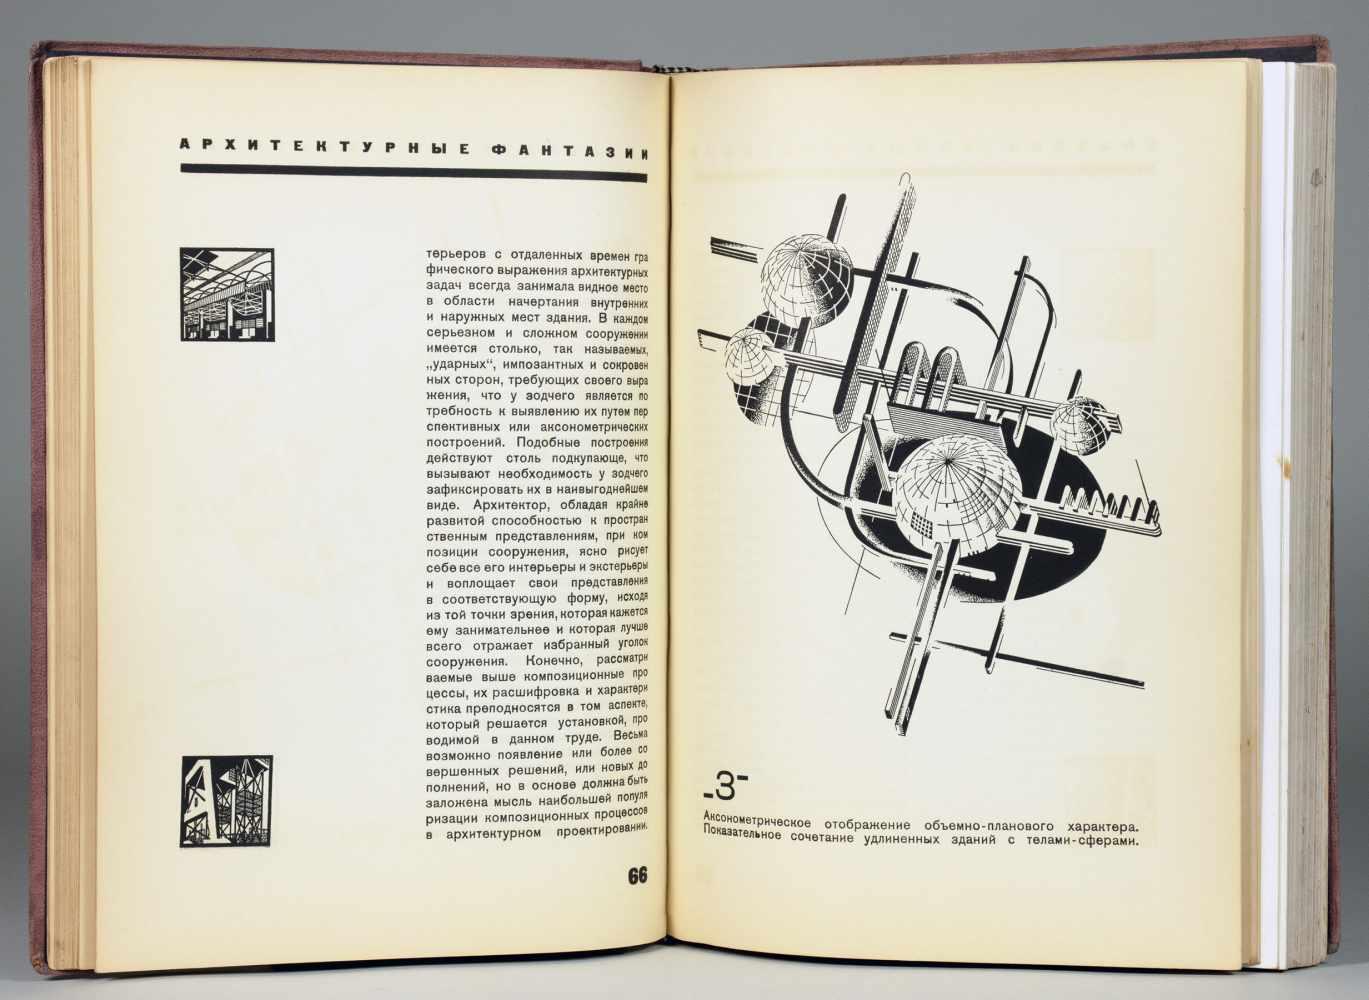 Architektur - Jakob Tschernychow. Architekturnye fantazii. (russisch: Architektonische Fantasien).